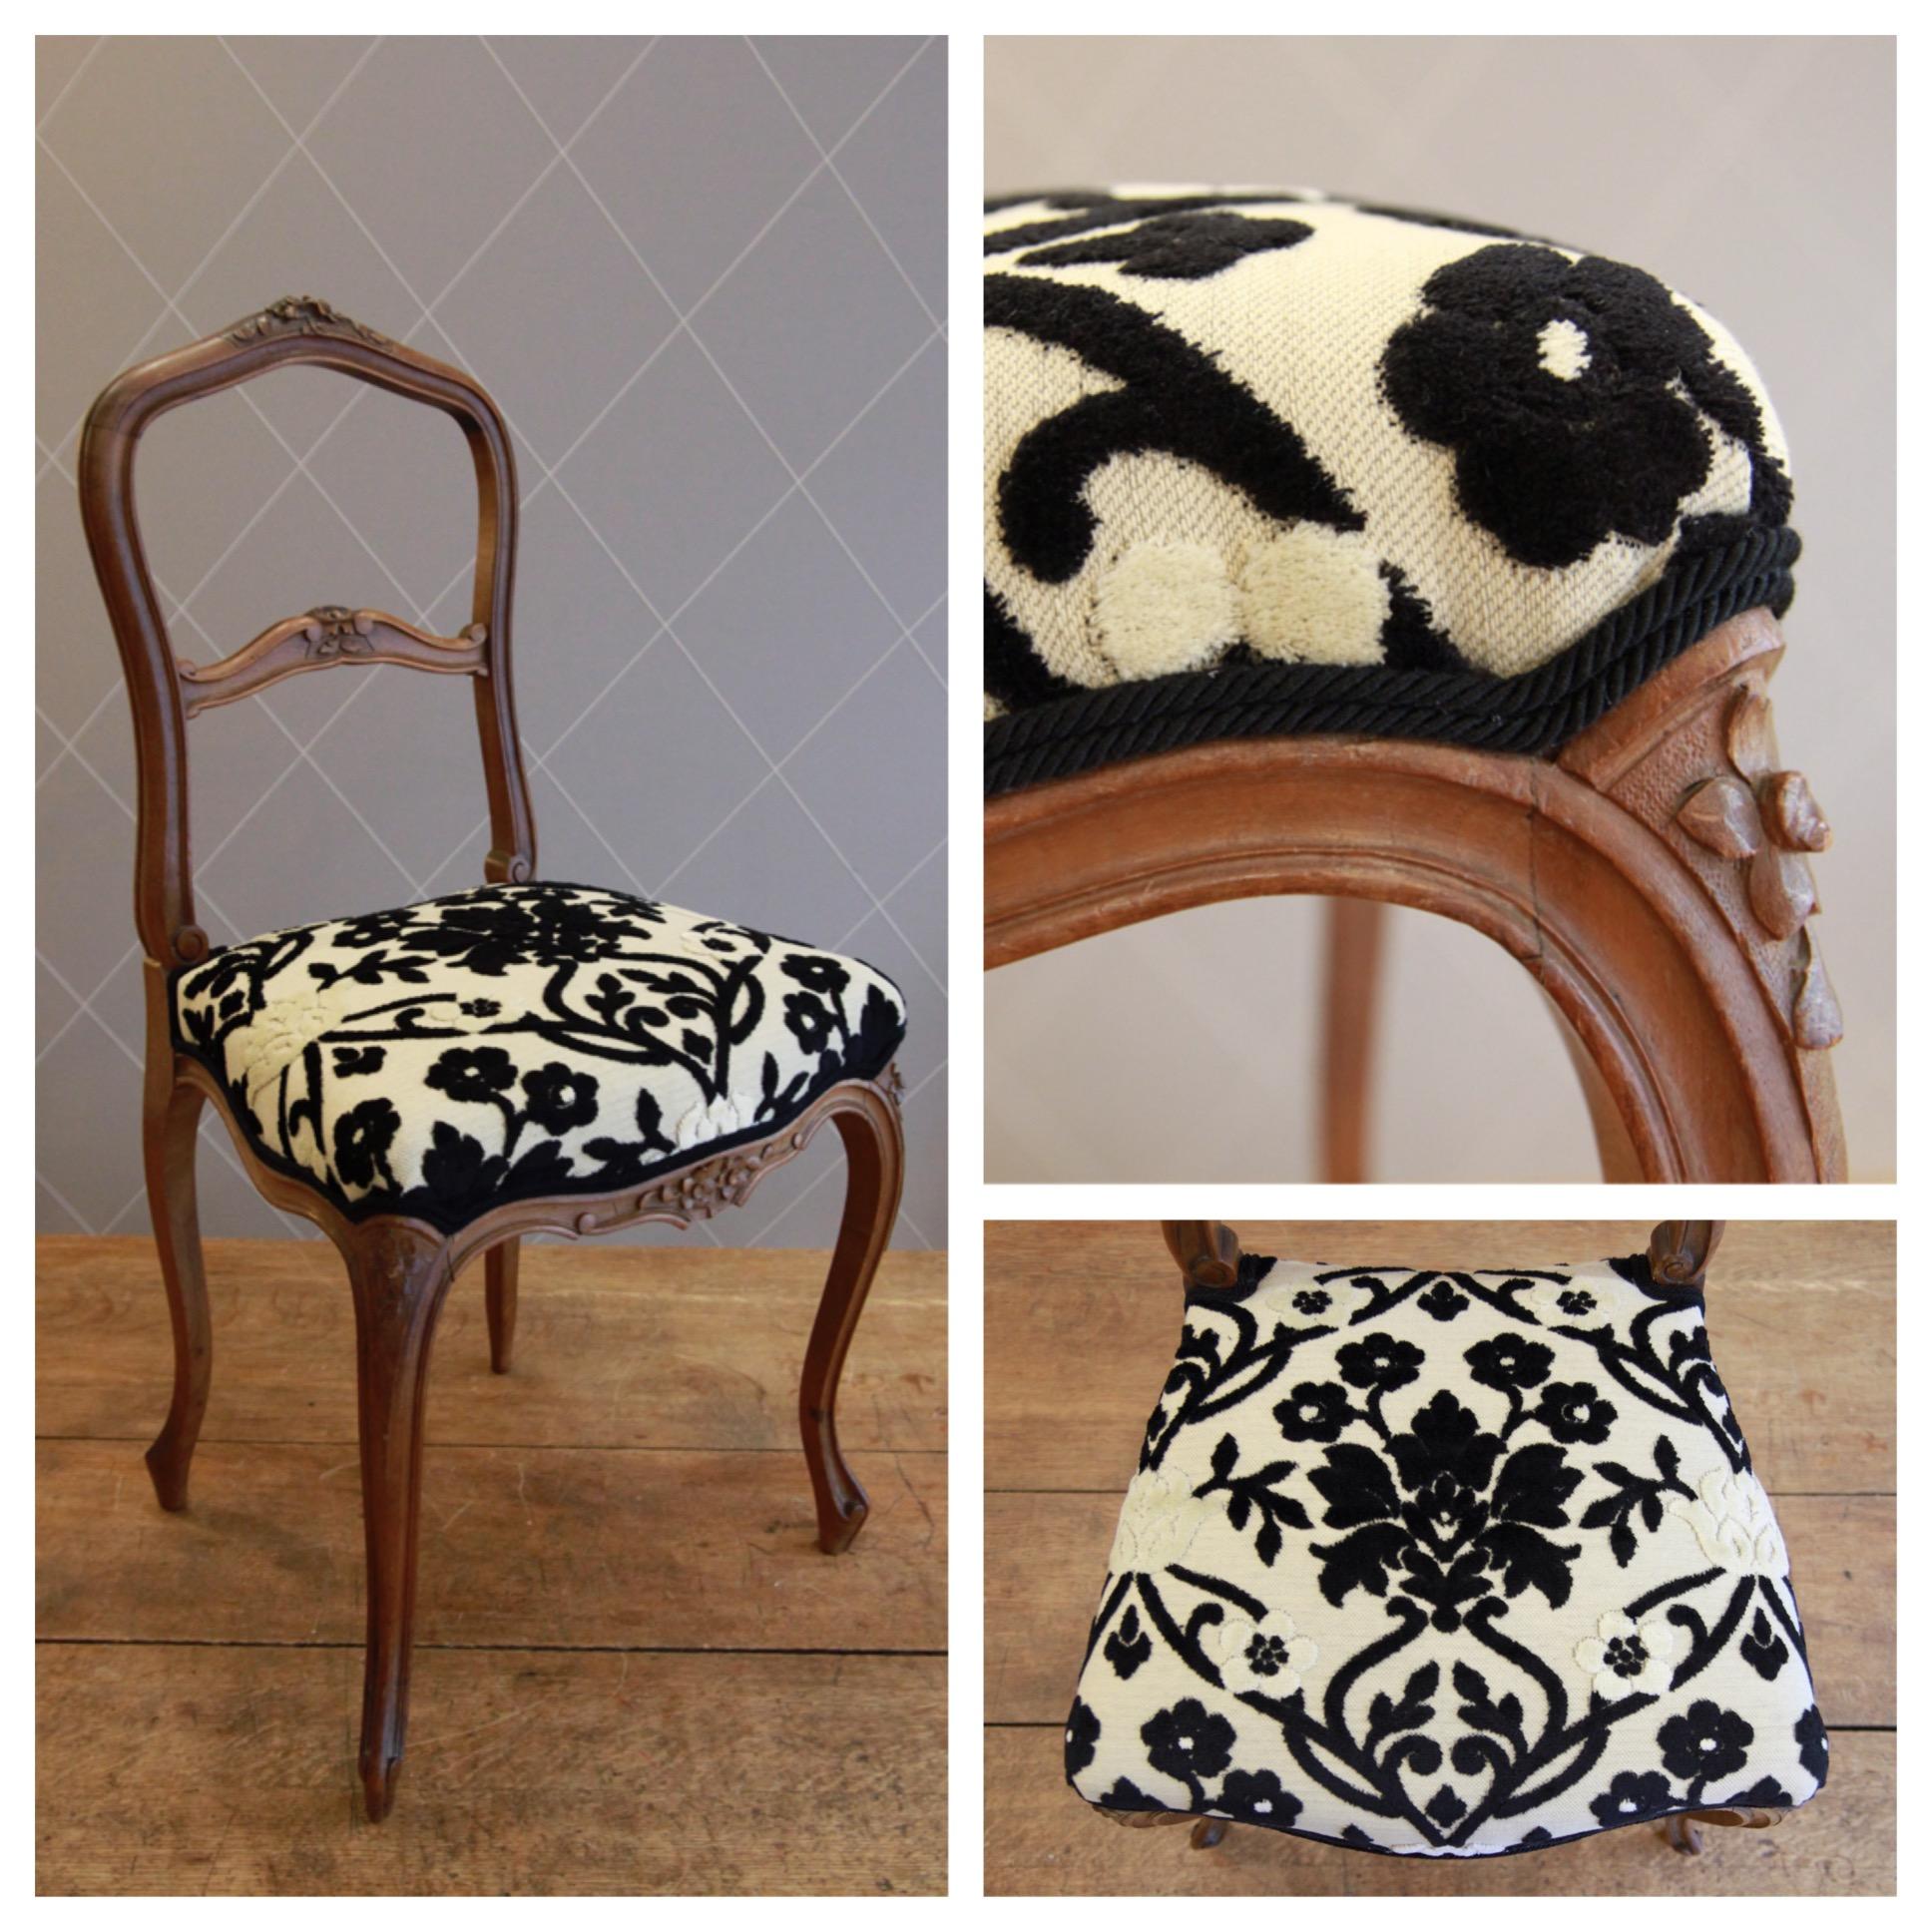 galette de chaise noir et blanc images. Black Bedroom Furniture Sets. Home Design Ideas